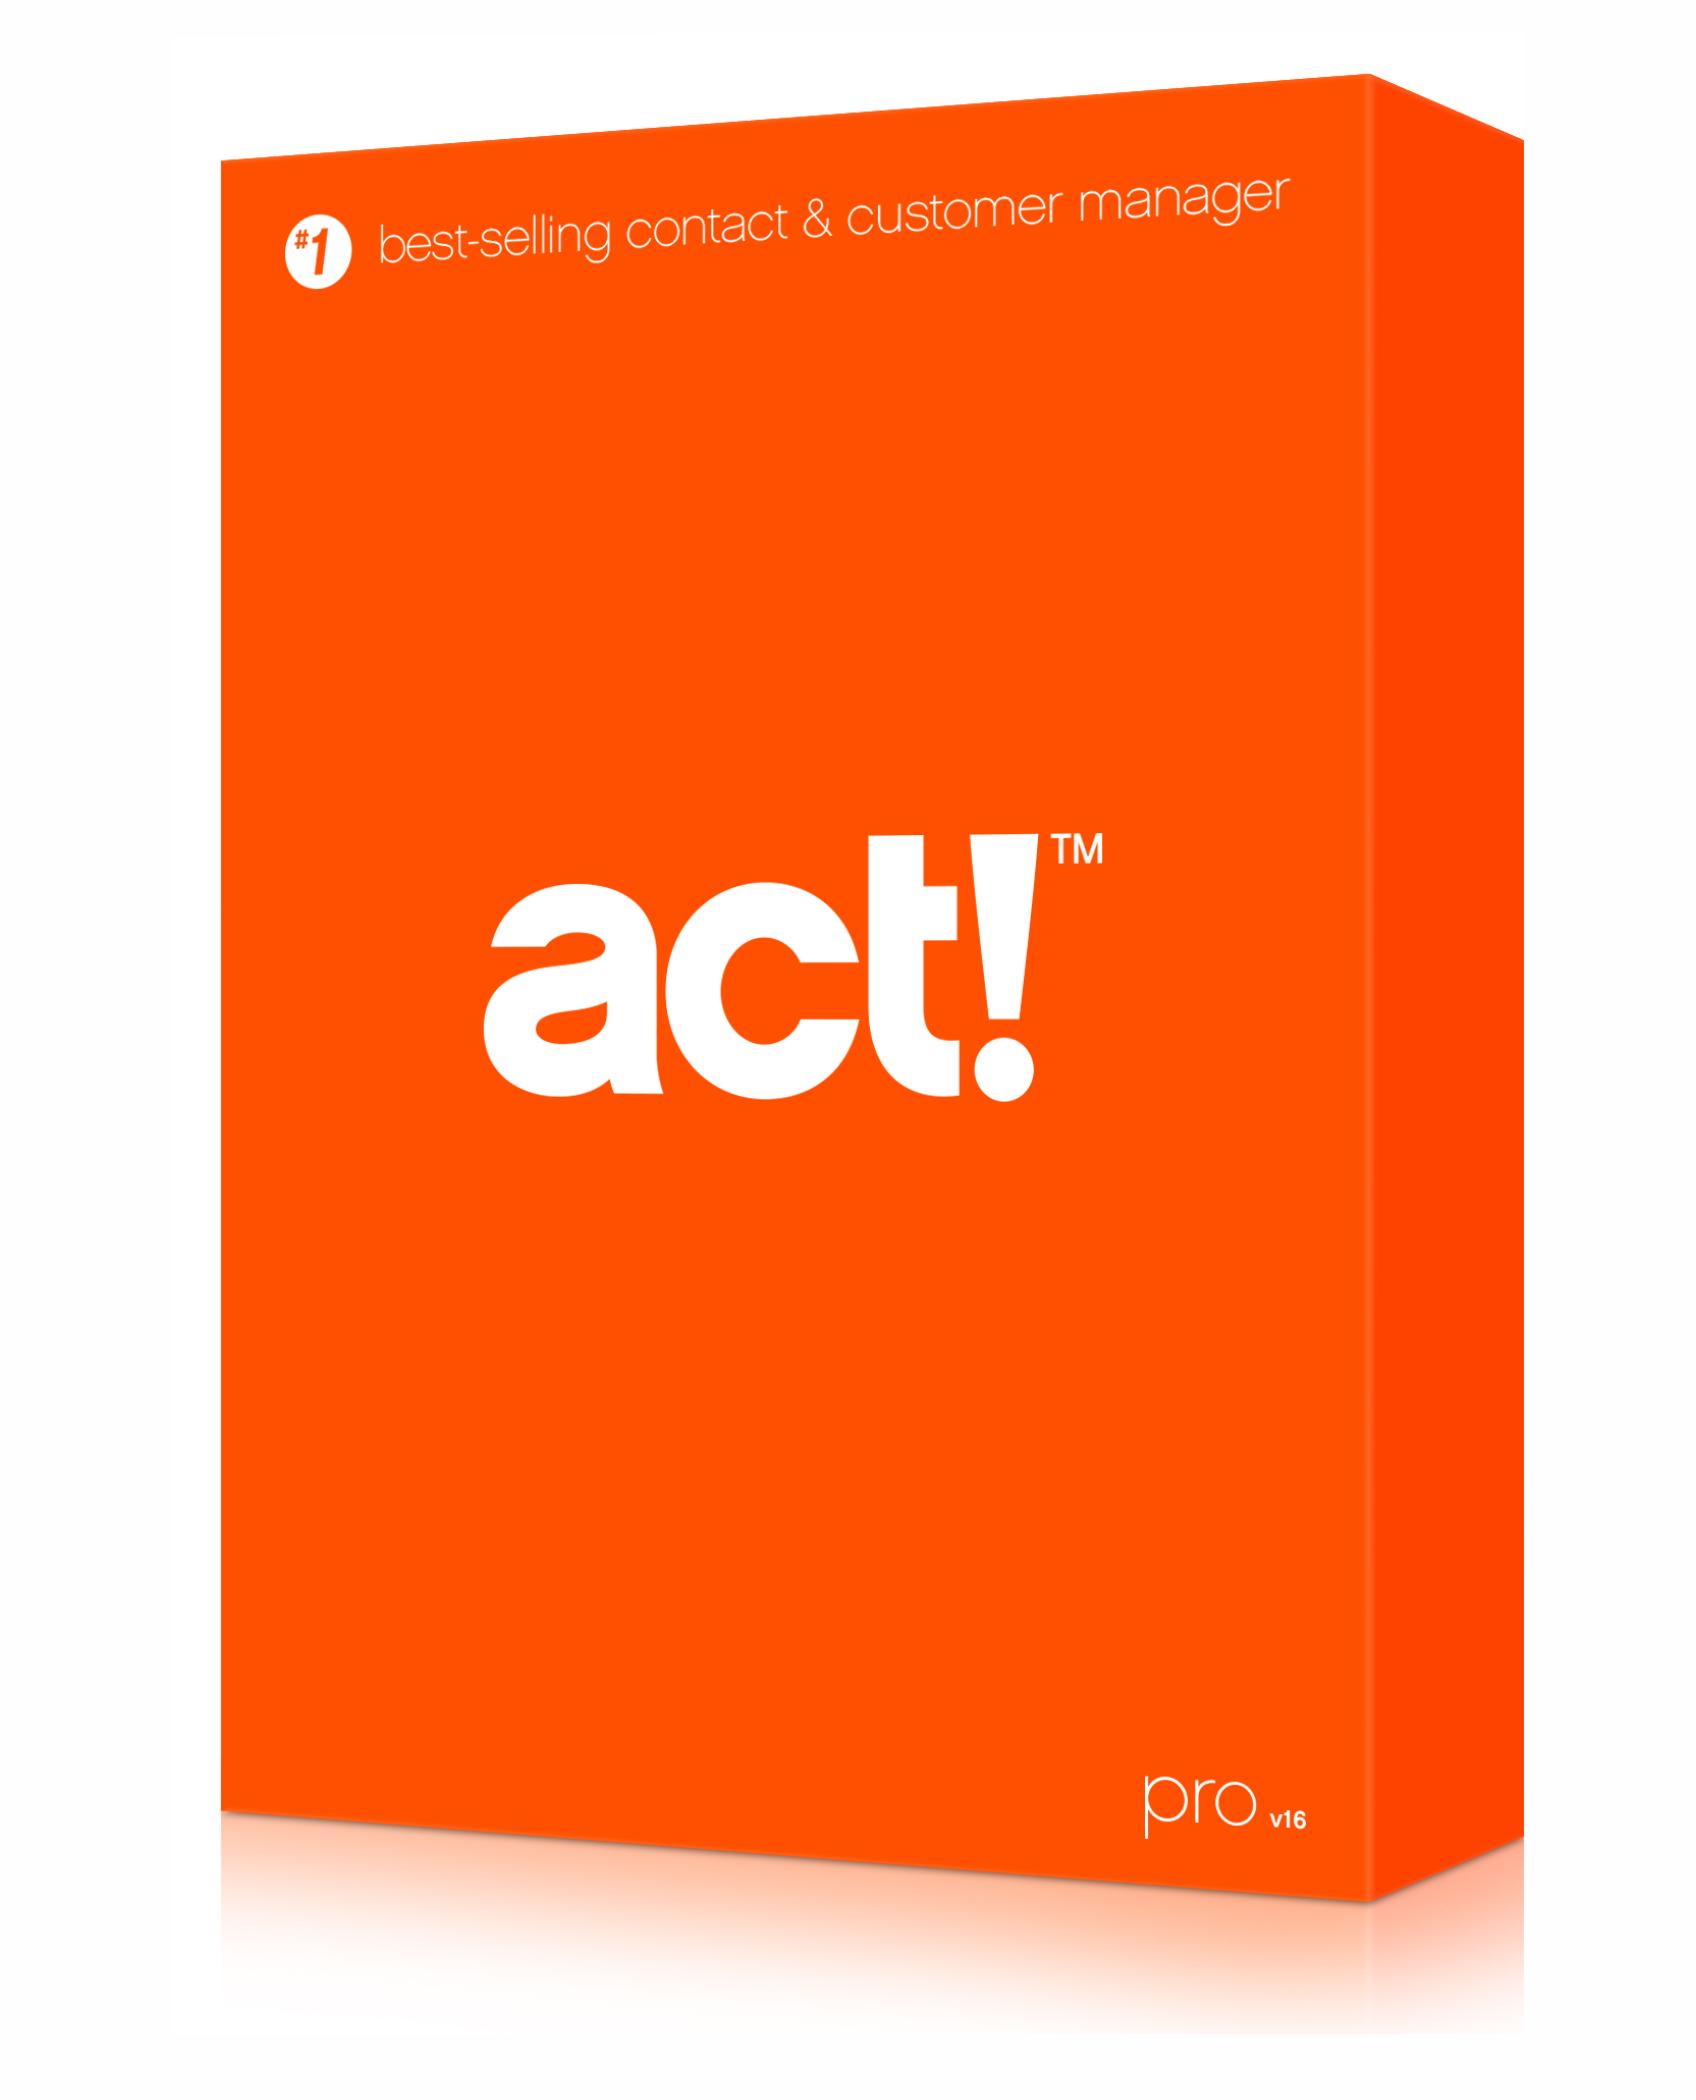 Act! Pro Upgrade Angebot im März 2015